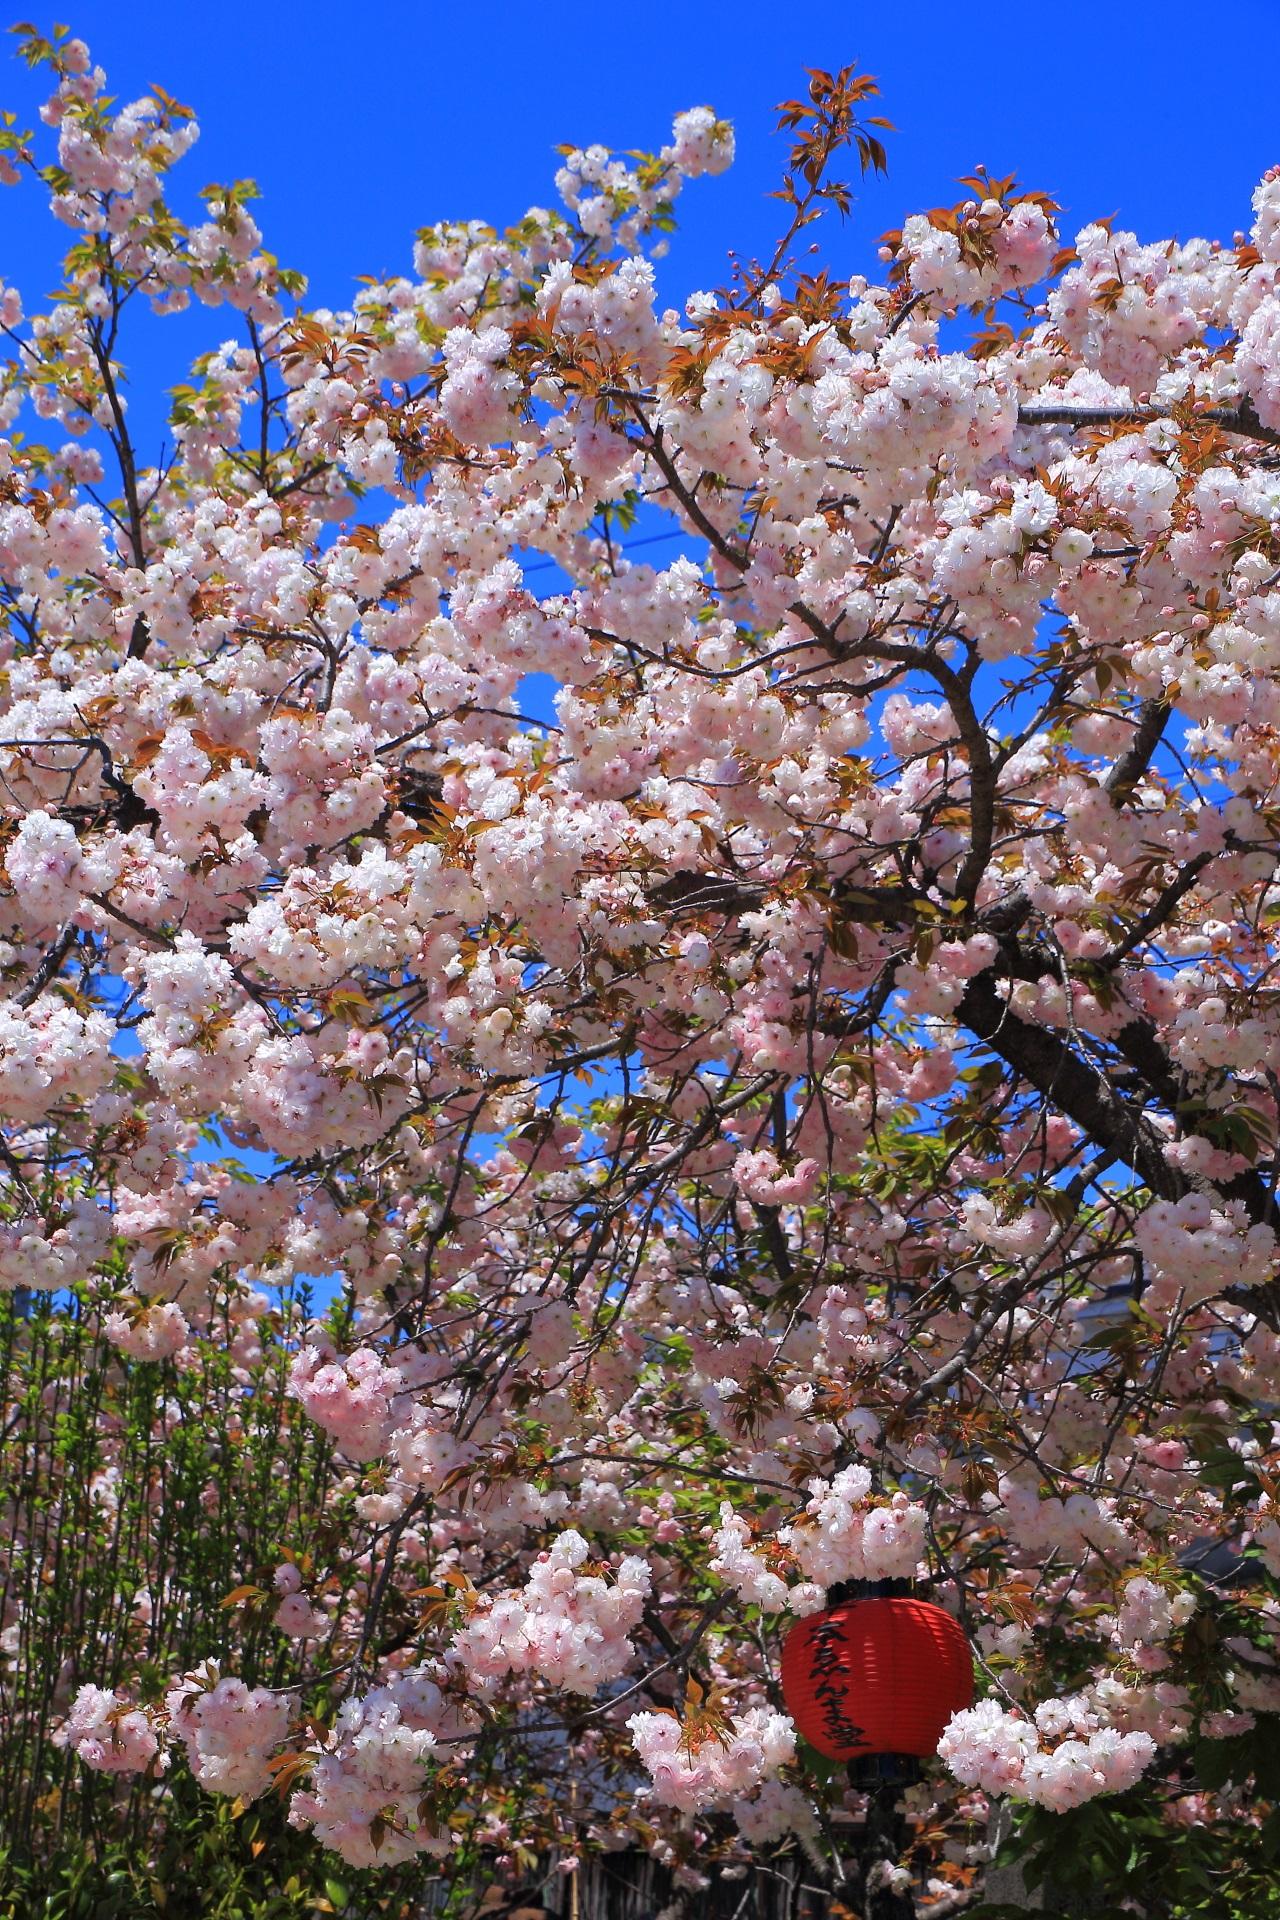 千本ゑんま堂のの素晴らしい桜と春の情景